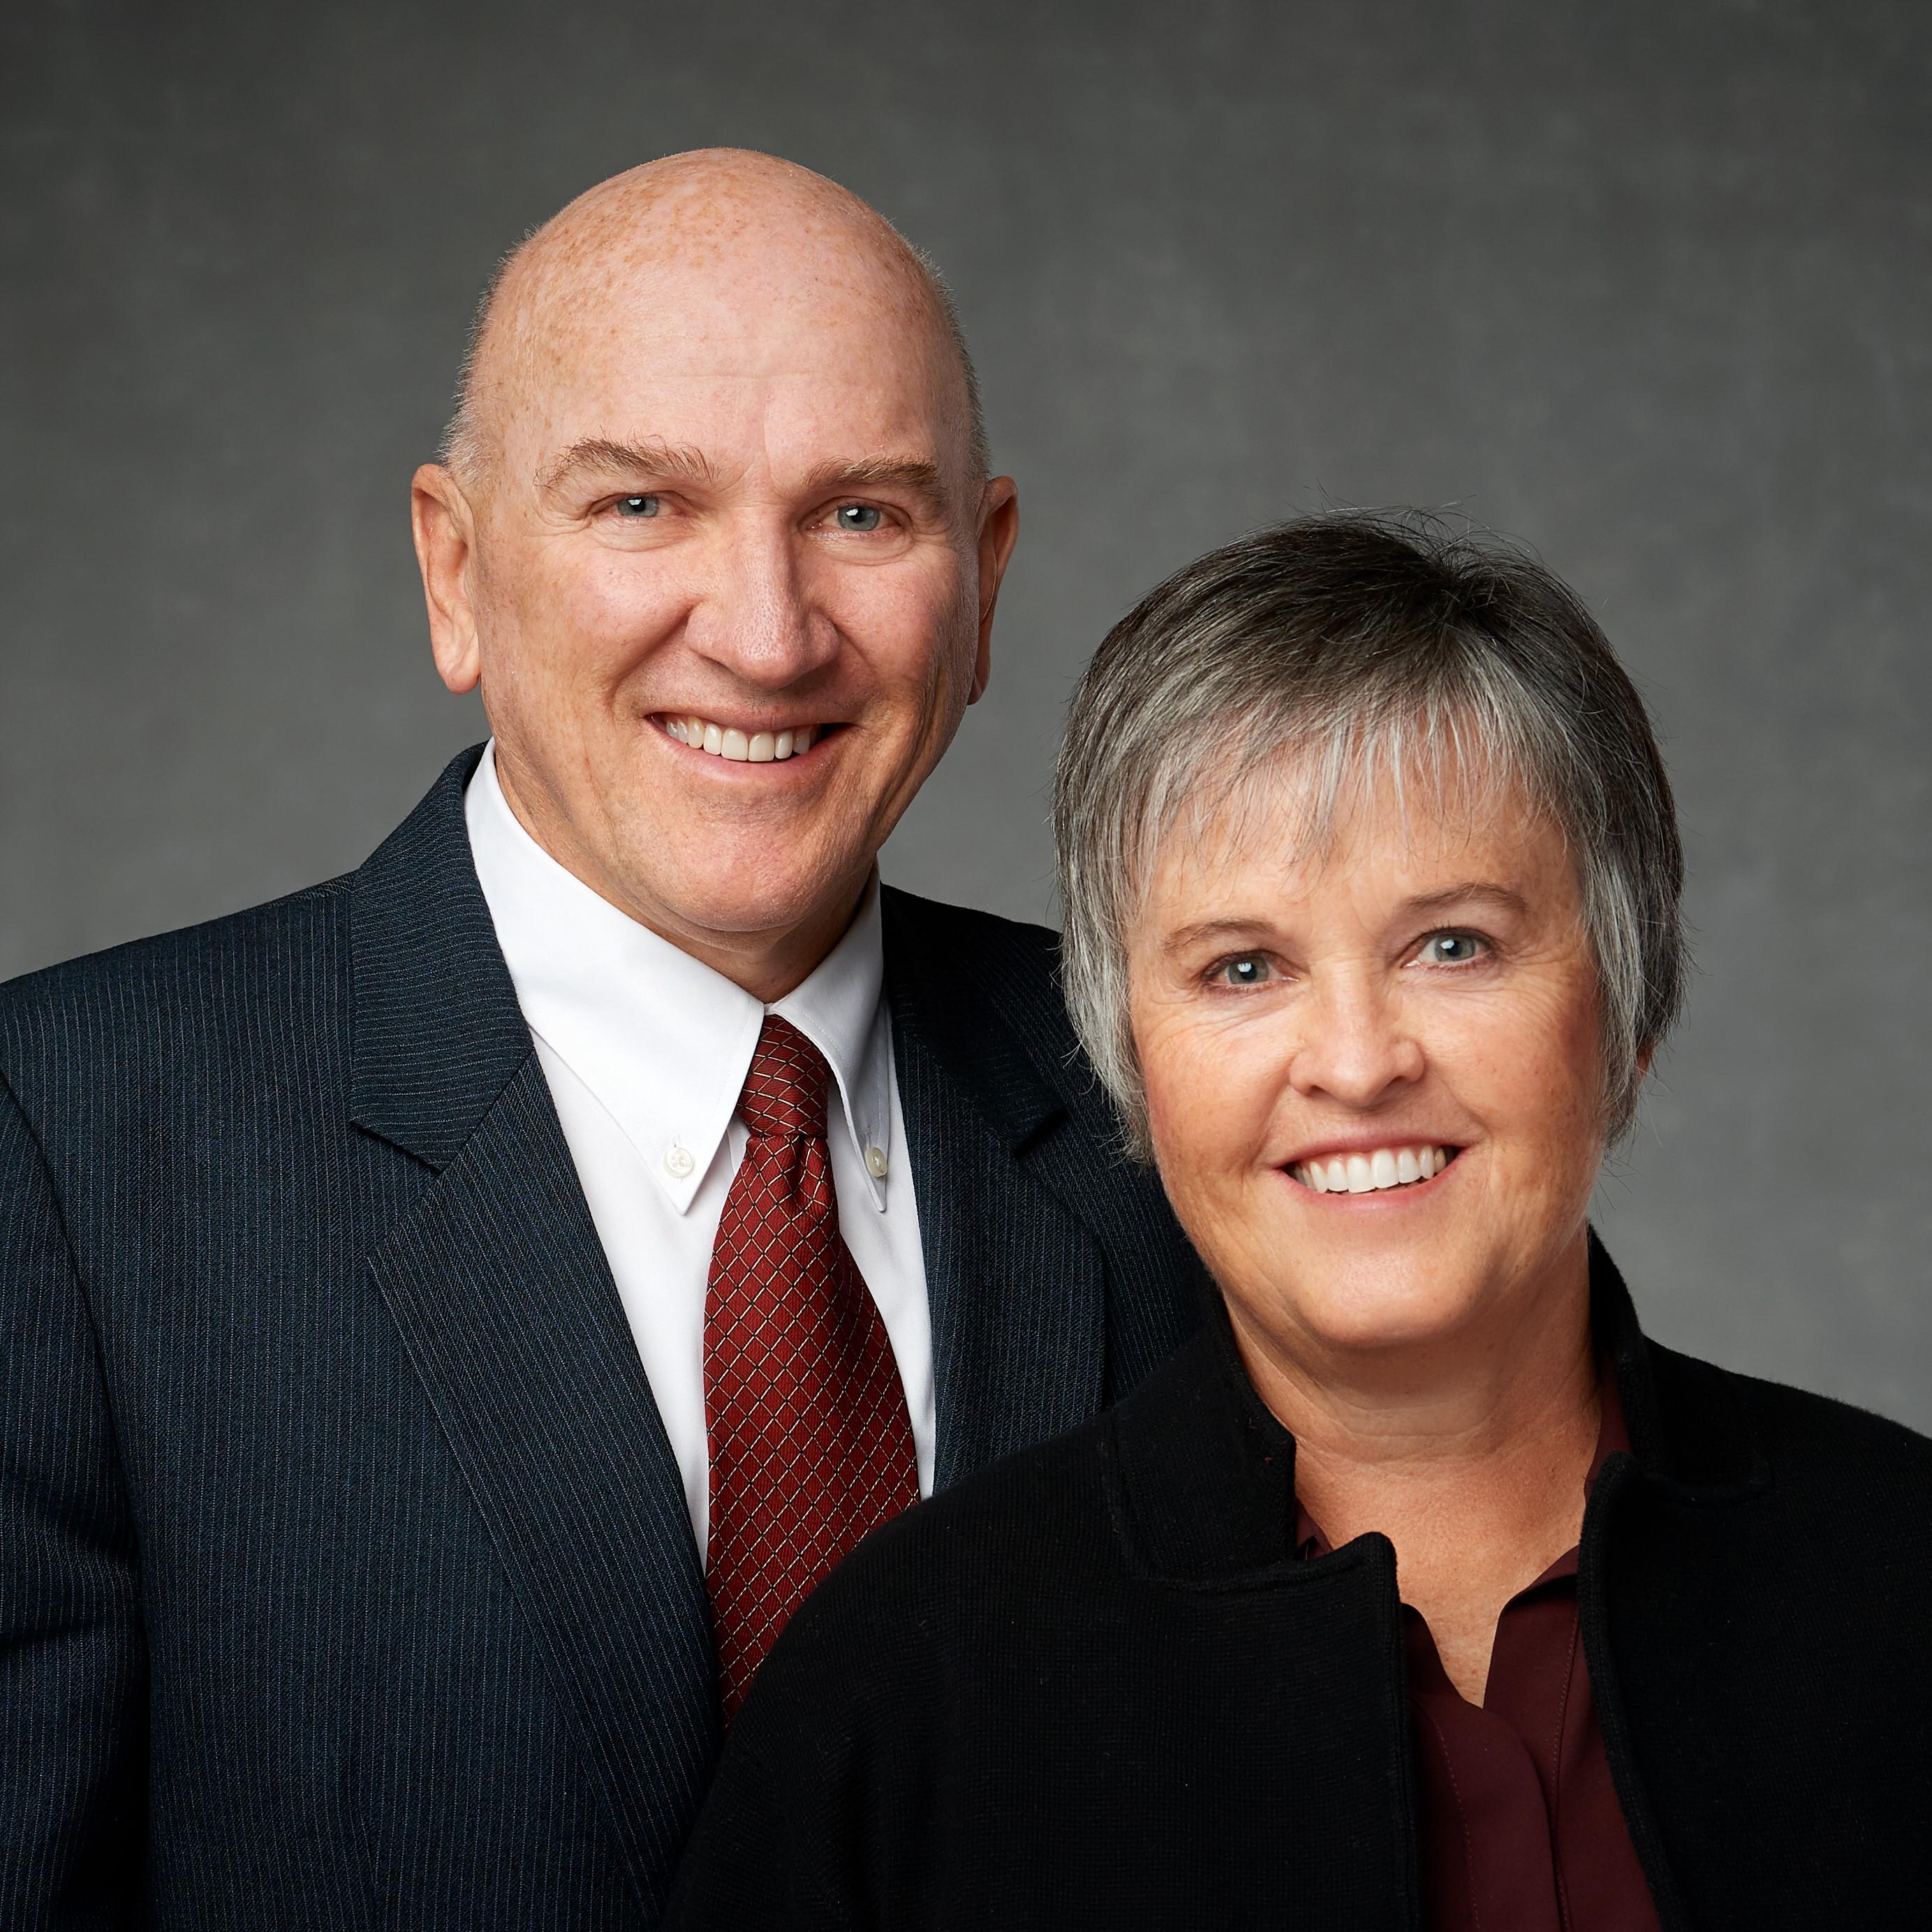 Howard N. and Lisa Sorensen